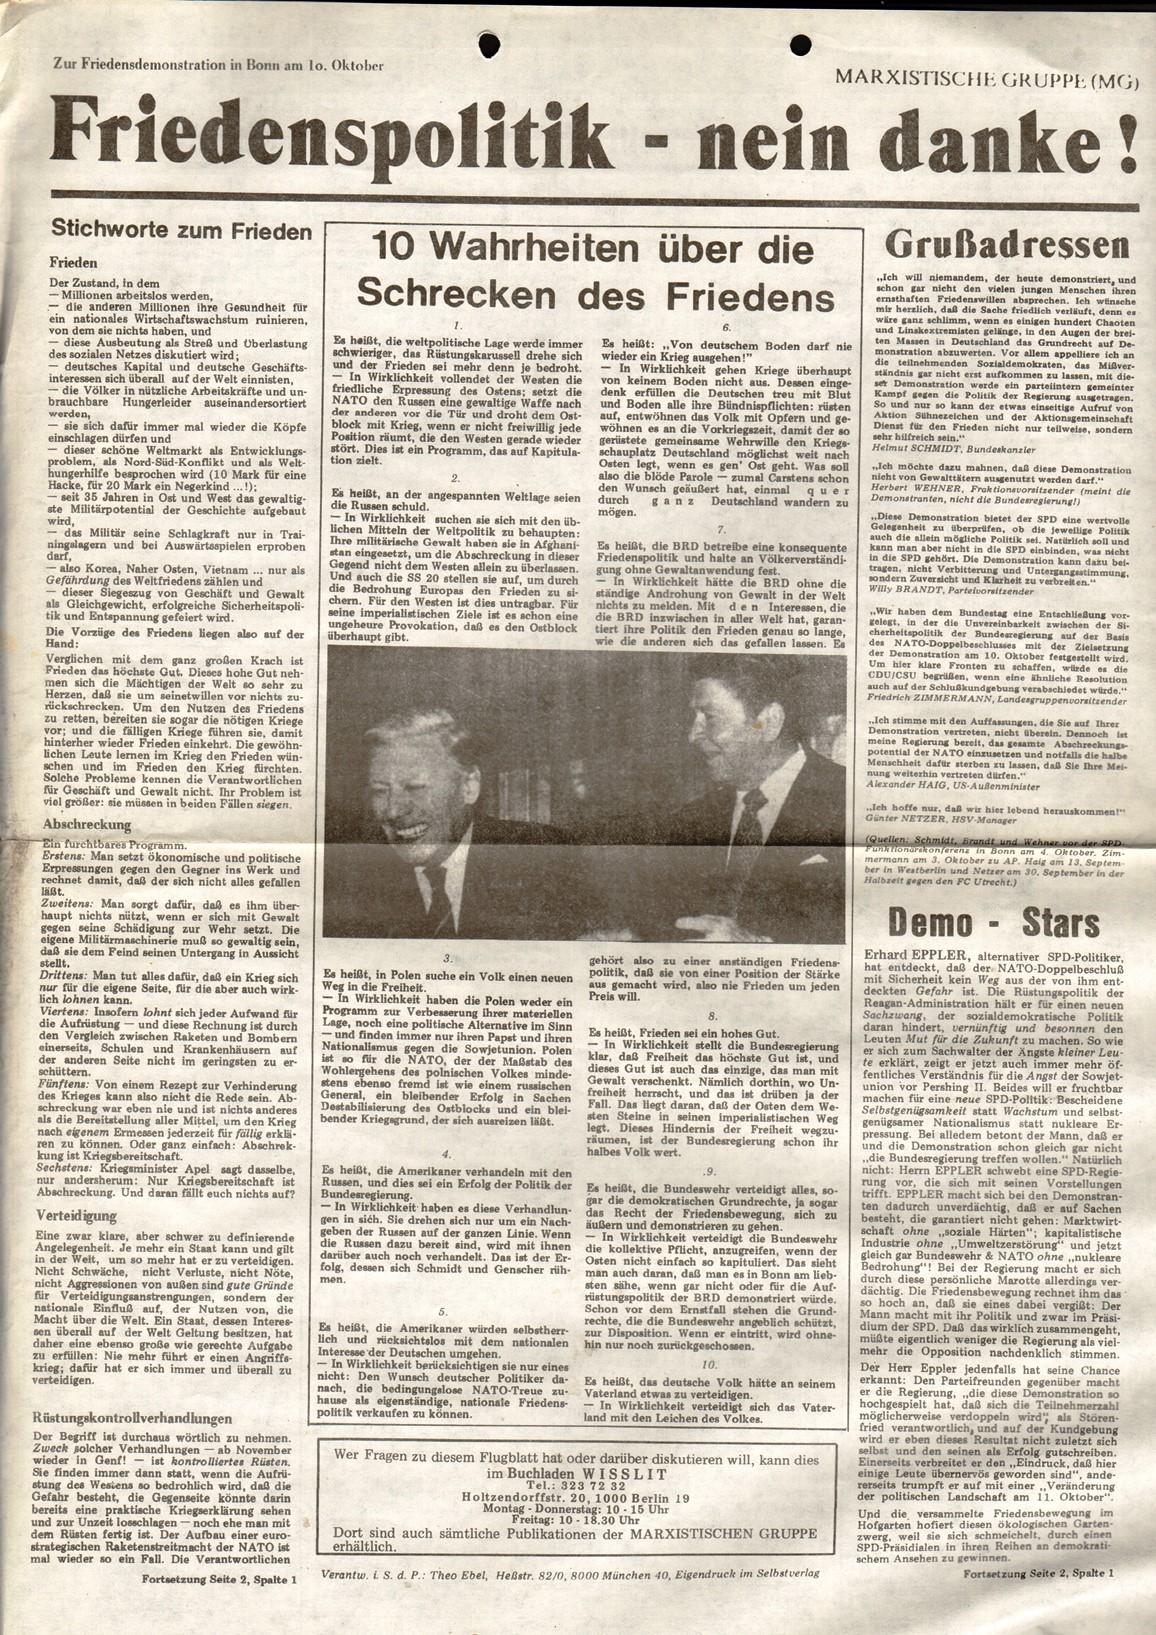 Berlin_MG_FB_19811010a_01